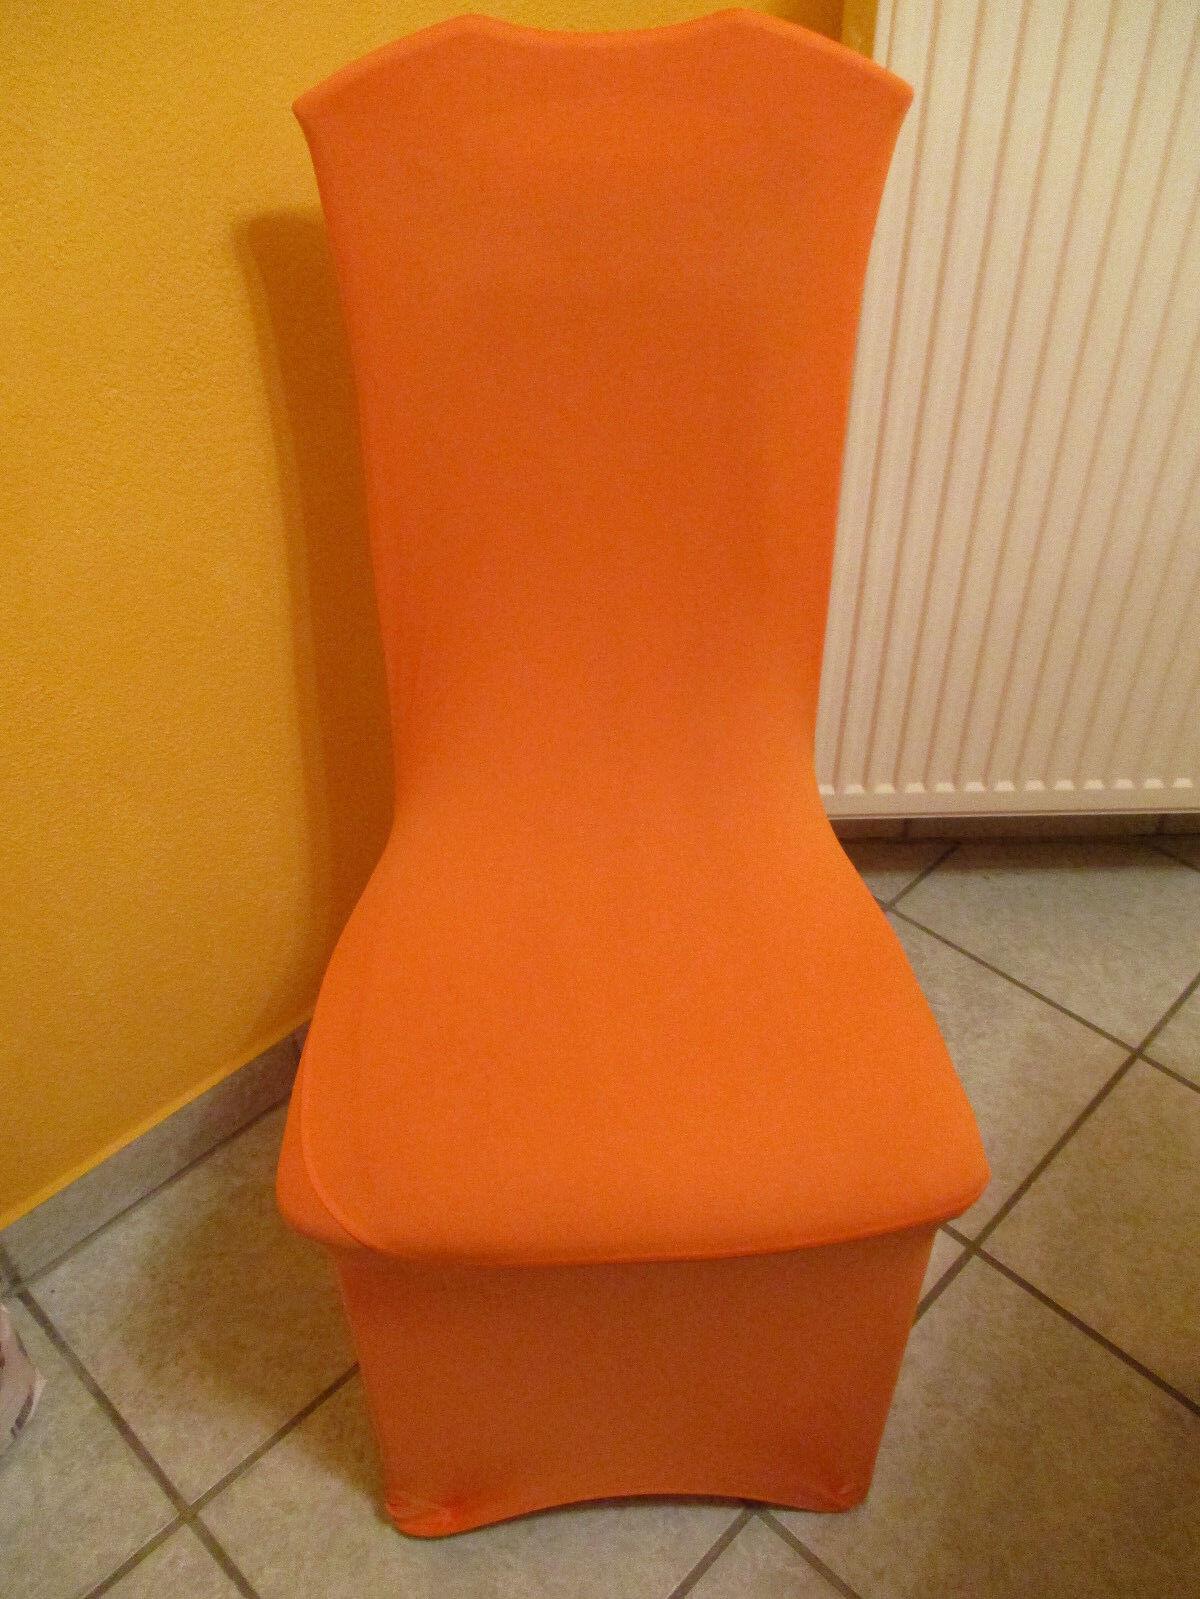 20 x Stuhlhussen Stretch in Orange Hochzeit Feier Party Deko | Vielfältiges neues Design  | Sehr gute Farbe